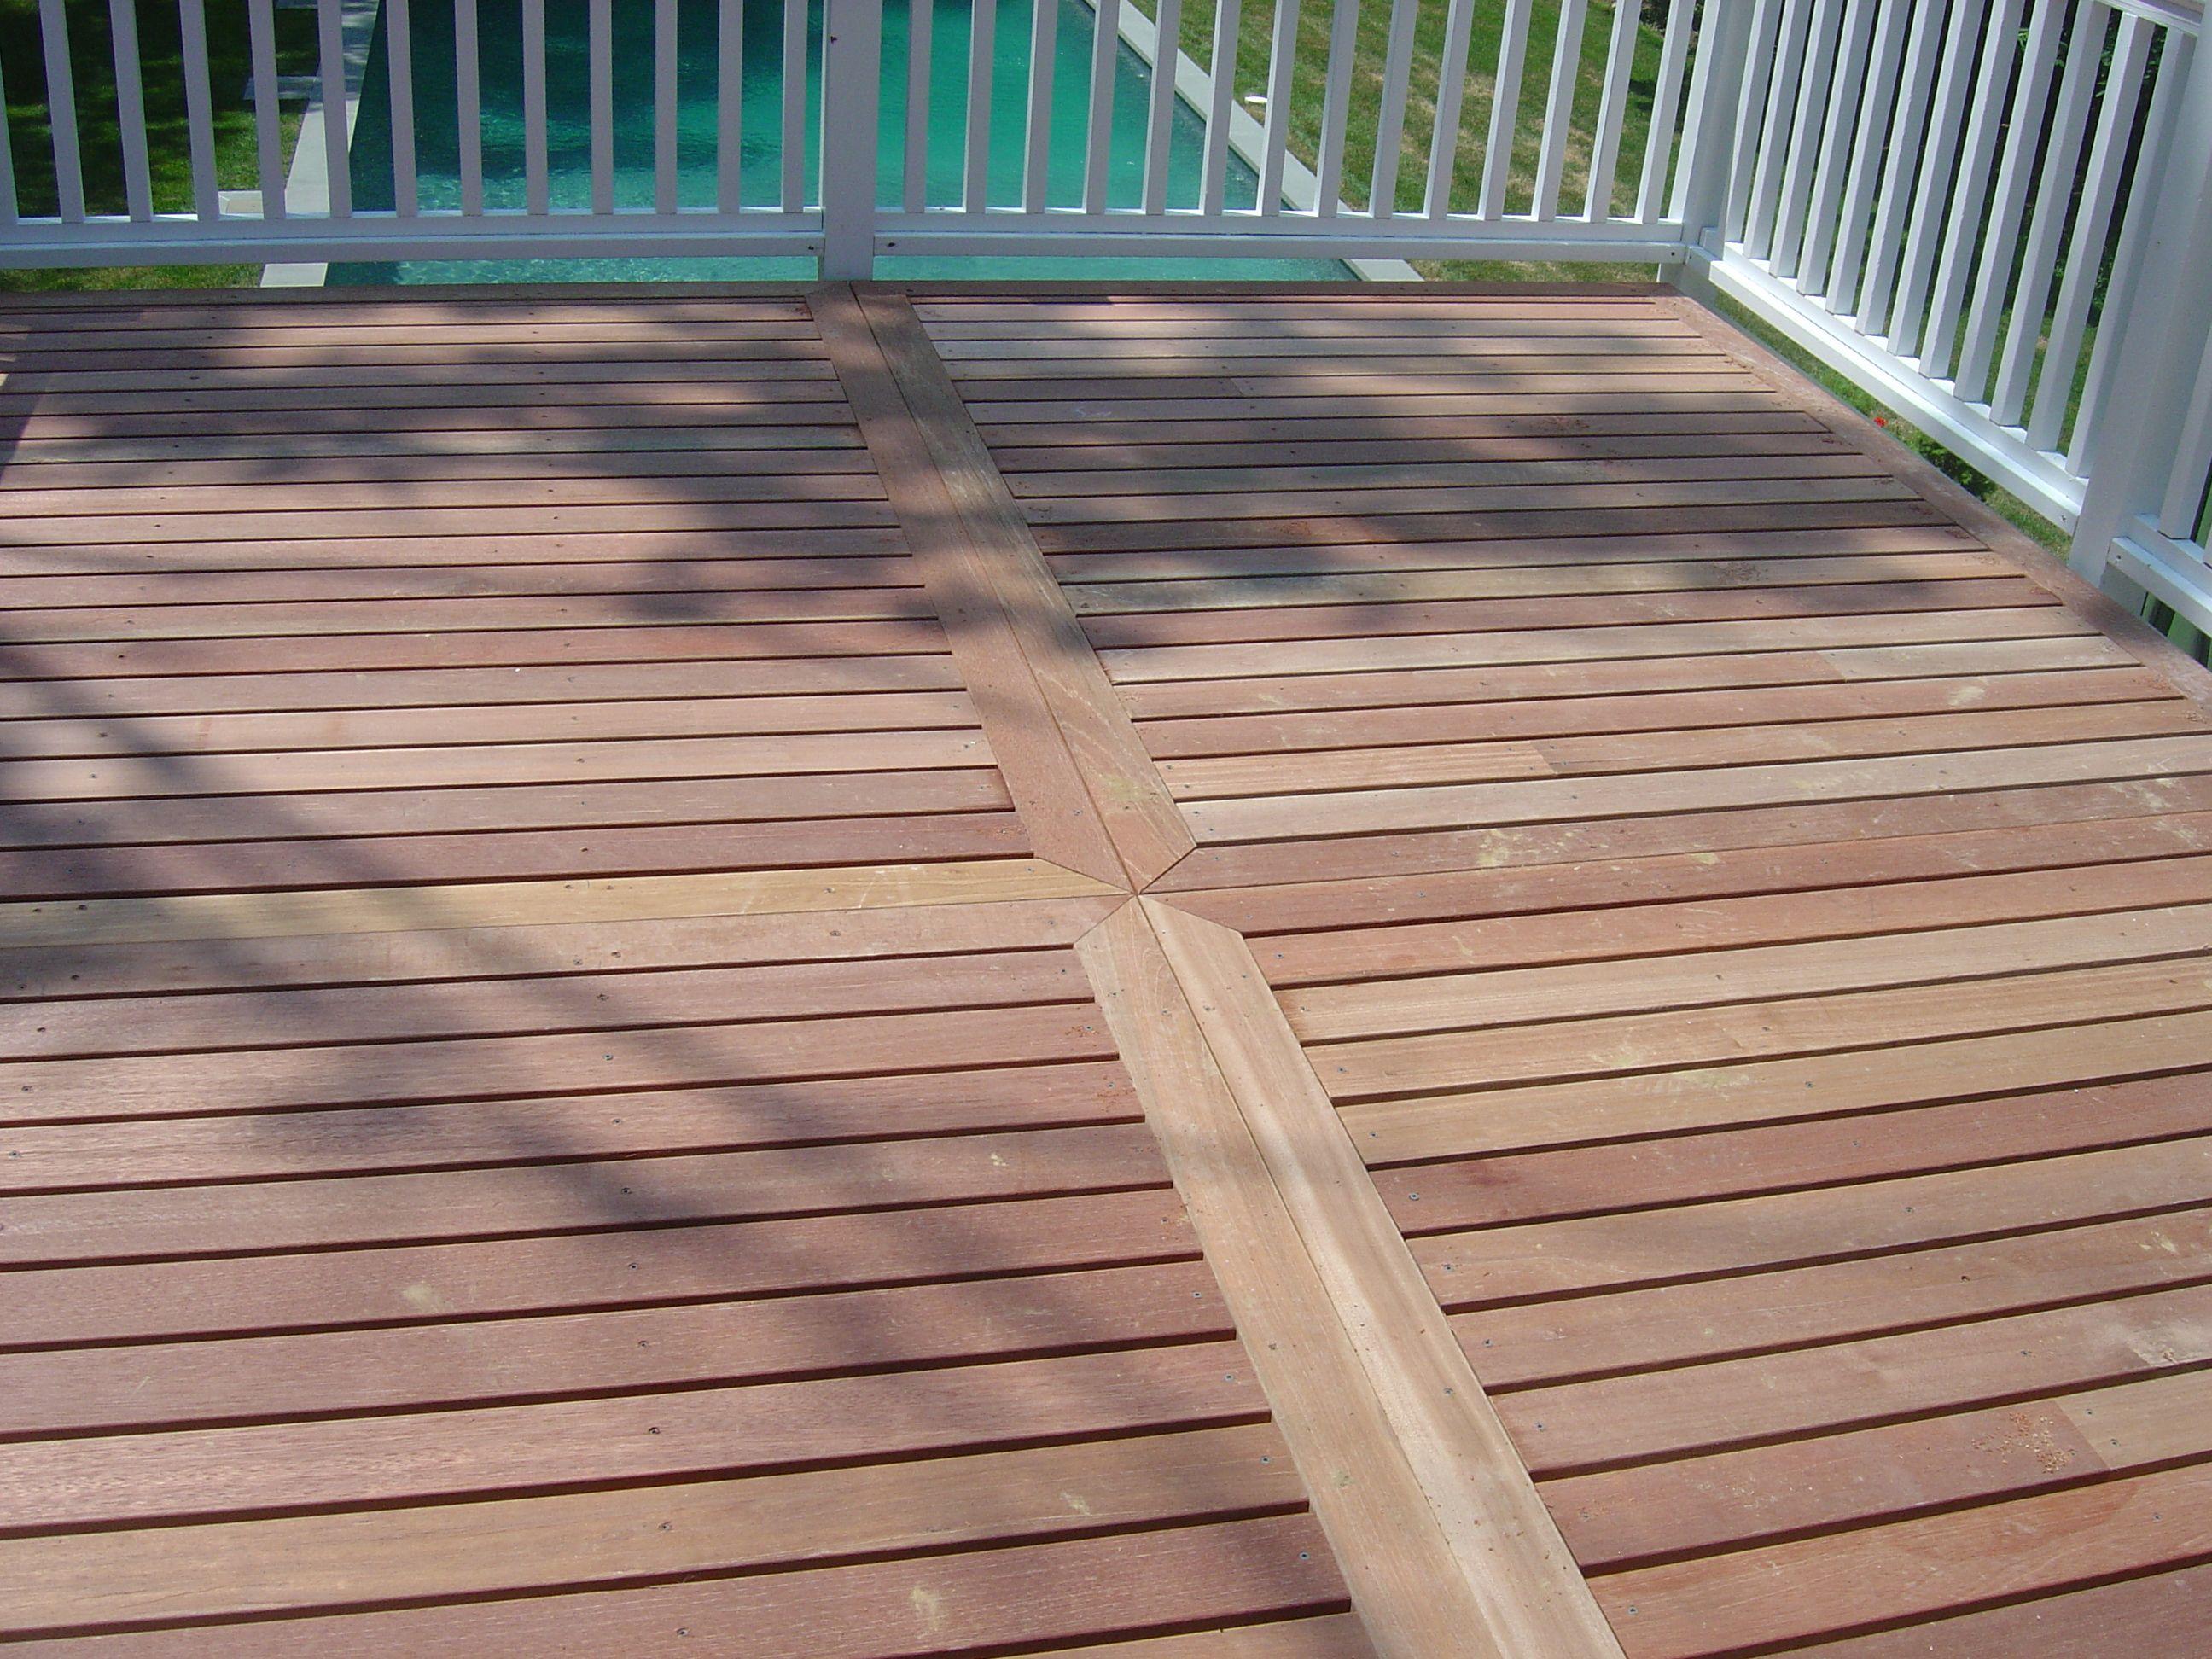 Cedar Deck With Pattern Cedar Deck Outdoor Living Deck Deck